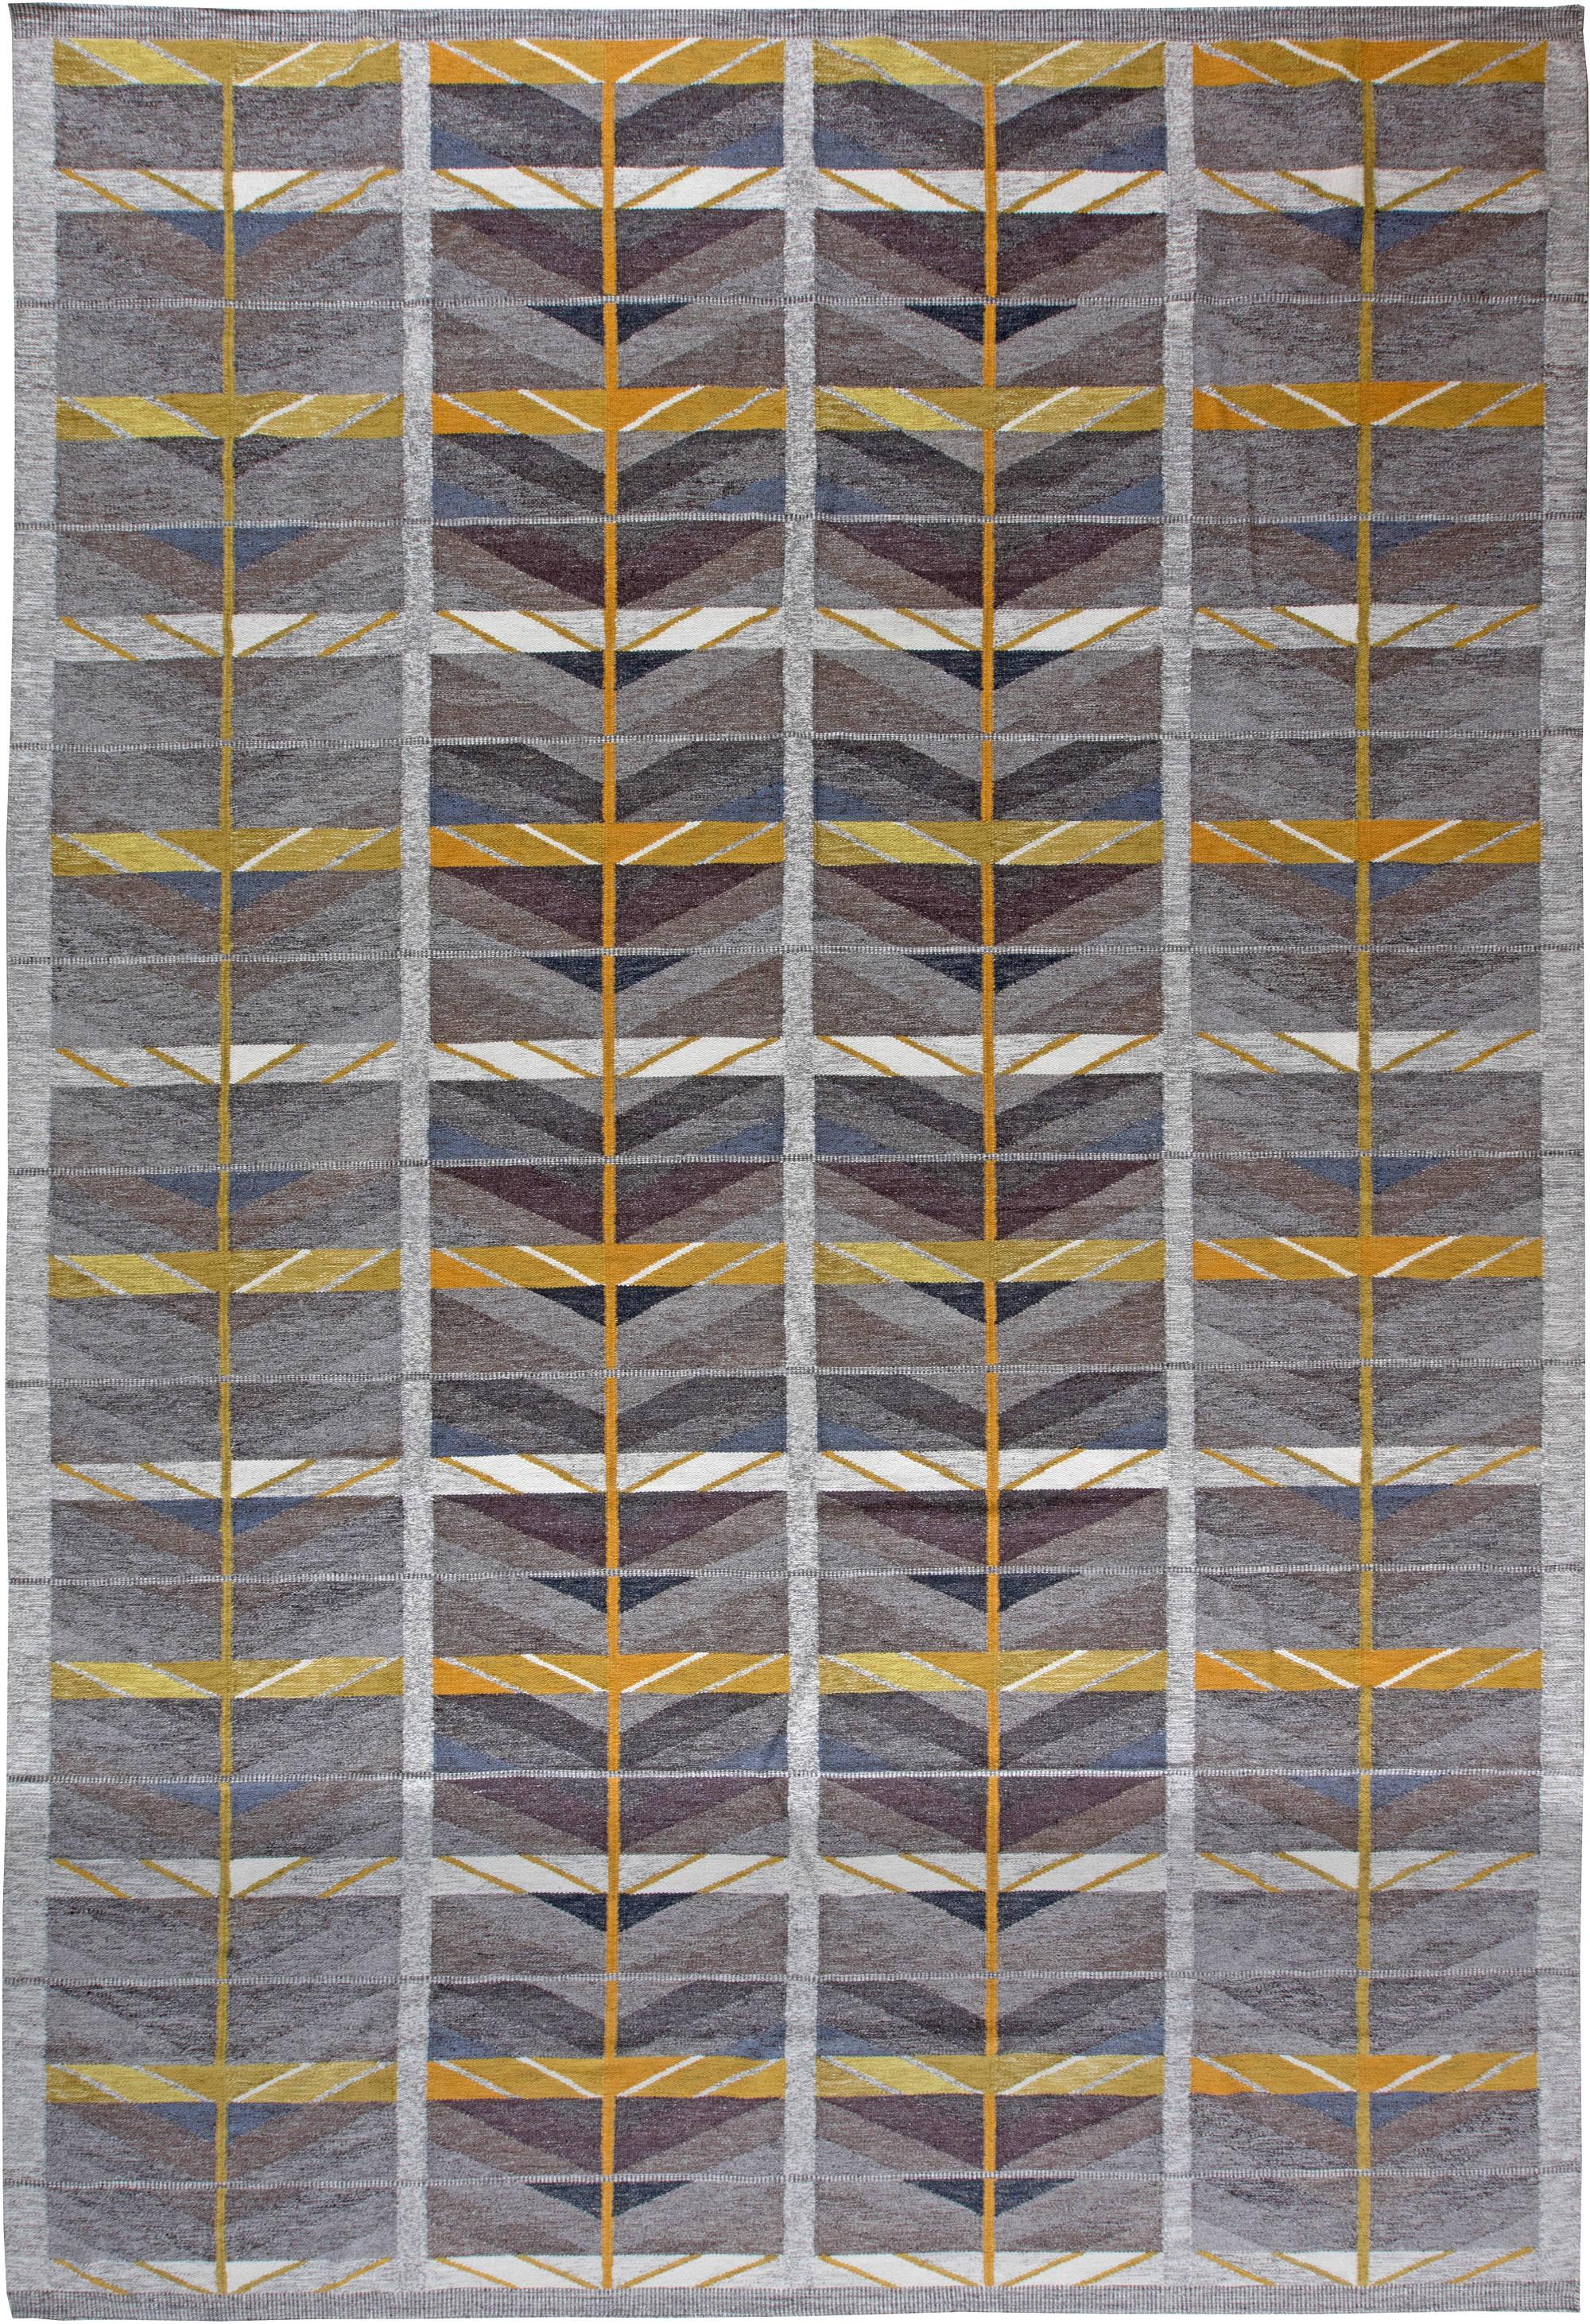 zeitgen ssische schwedische teppiche shag carpets moderne flachgewebe teppich nyc. Black Bedroom Furniture Sets. Home Design Ideas